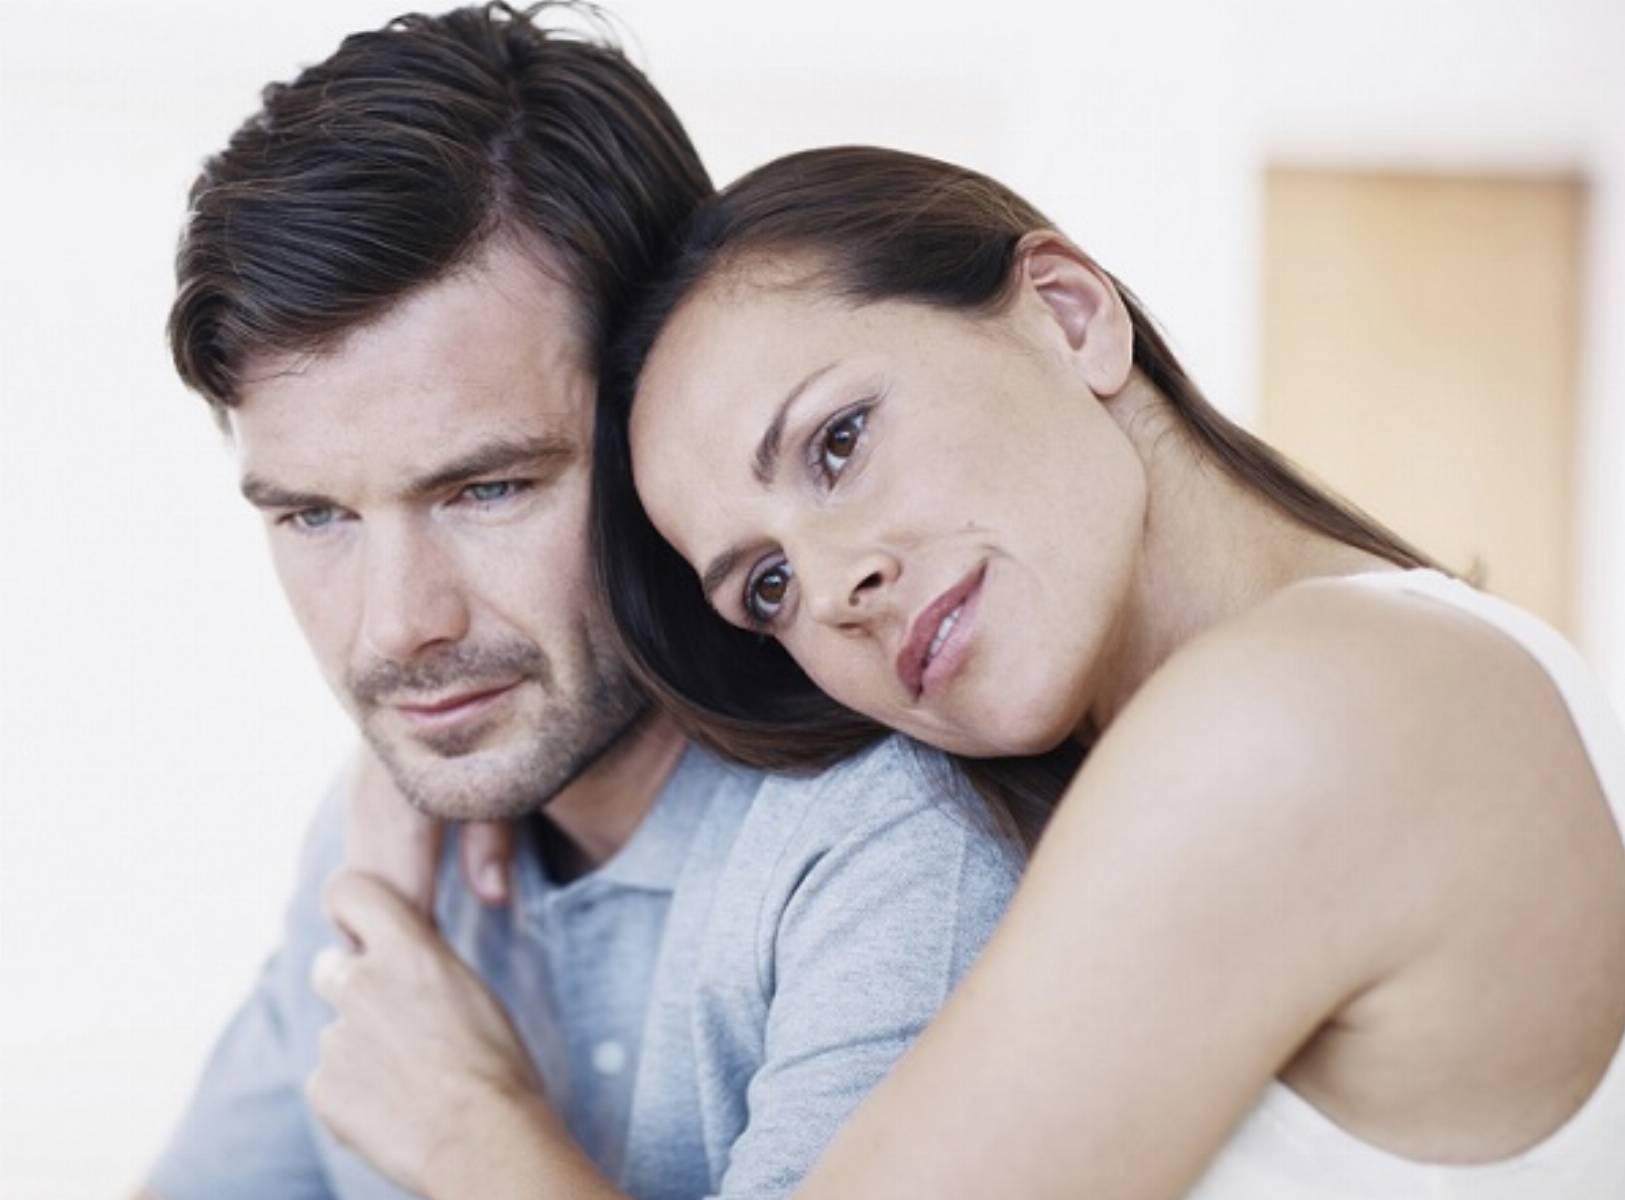 Zakochana para - jak utrzymac silny zwiazek